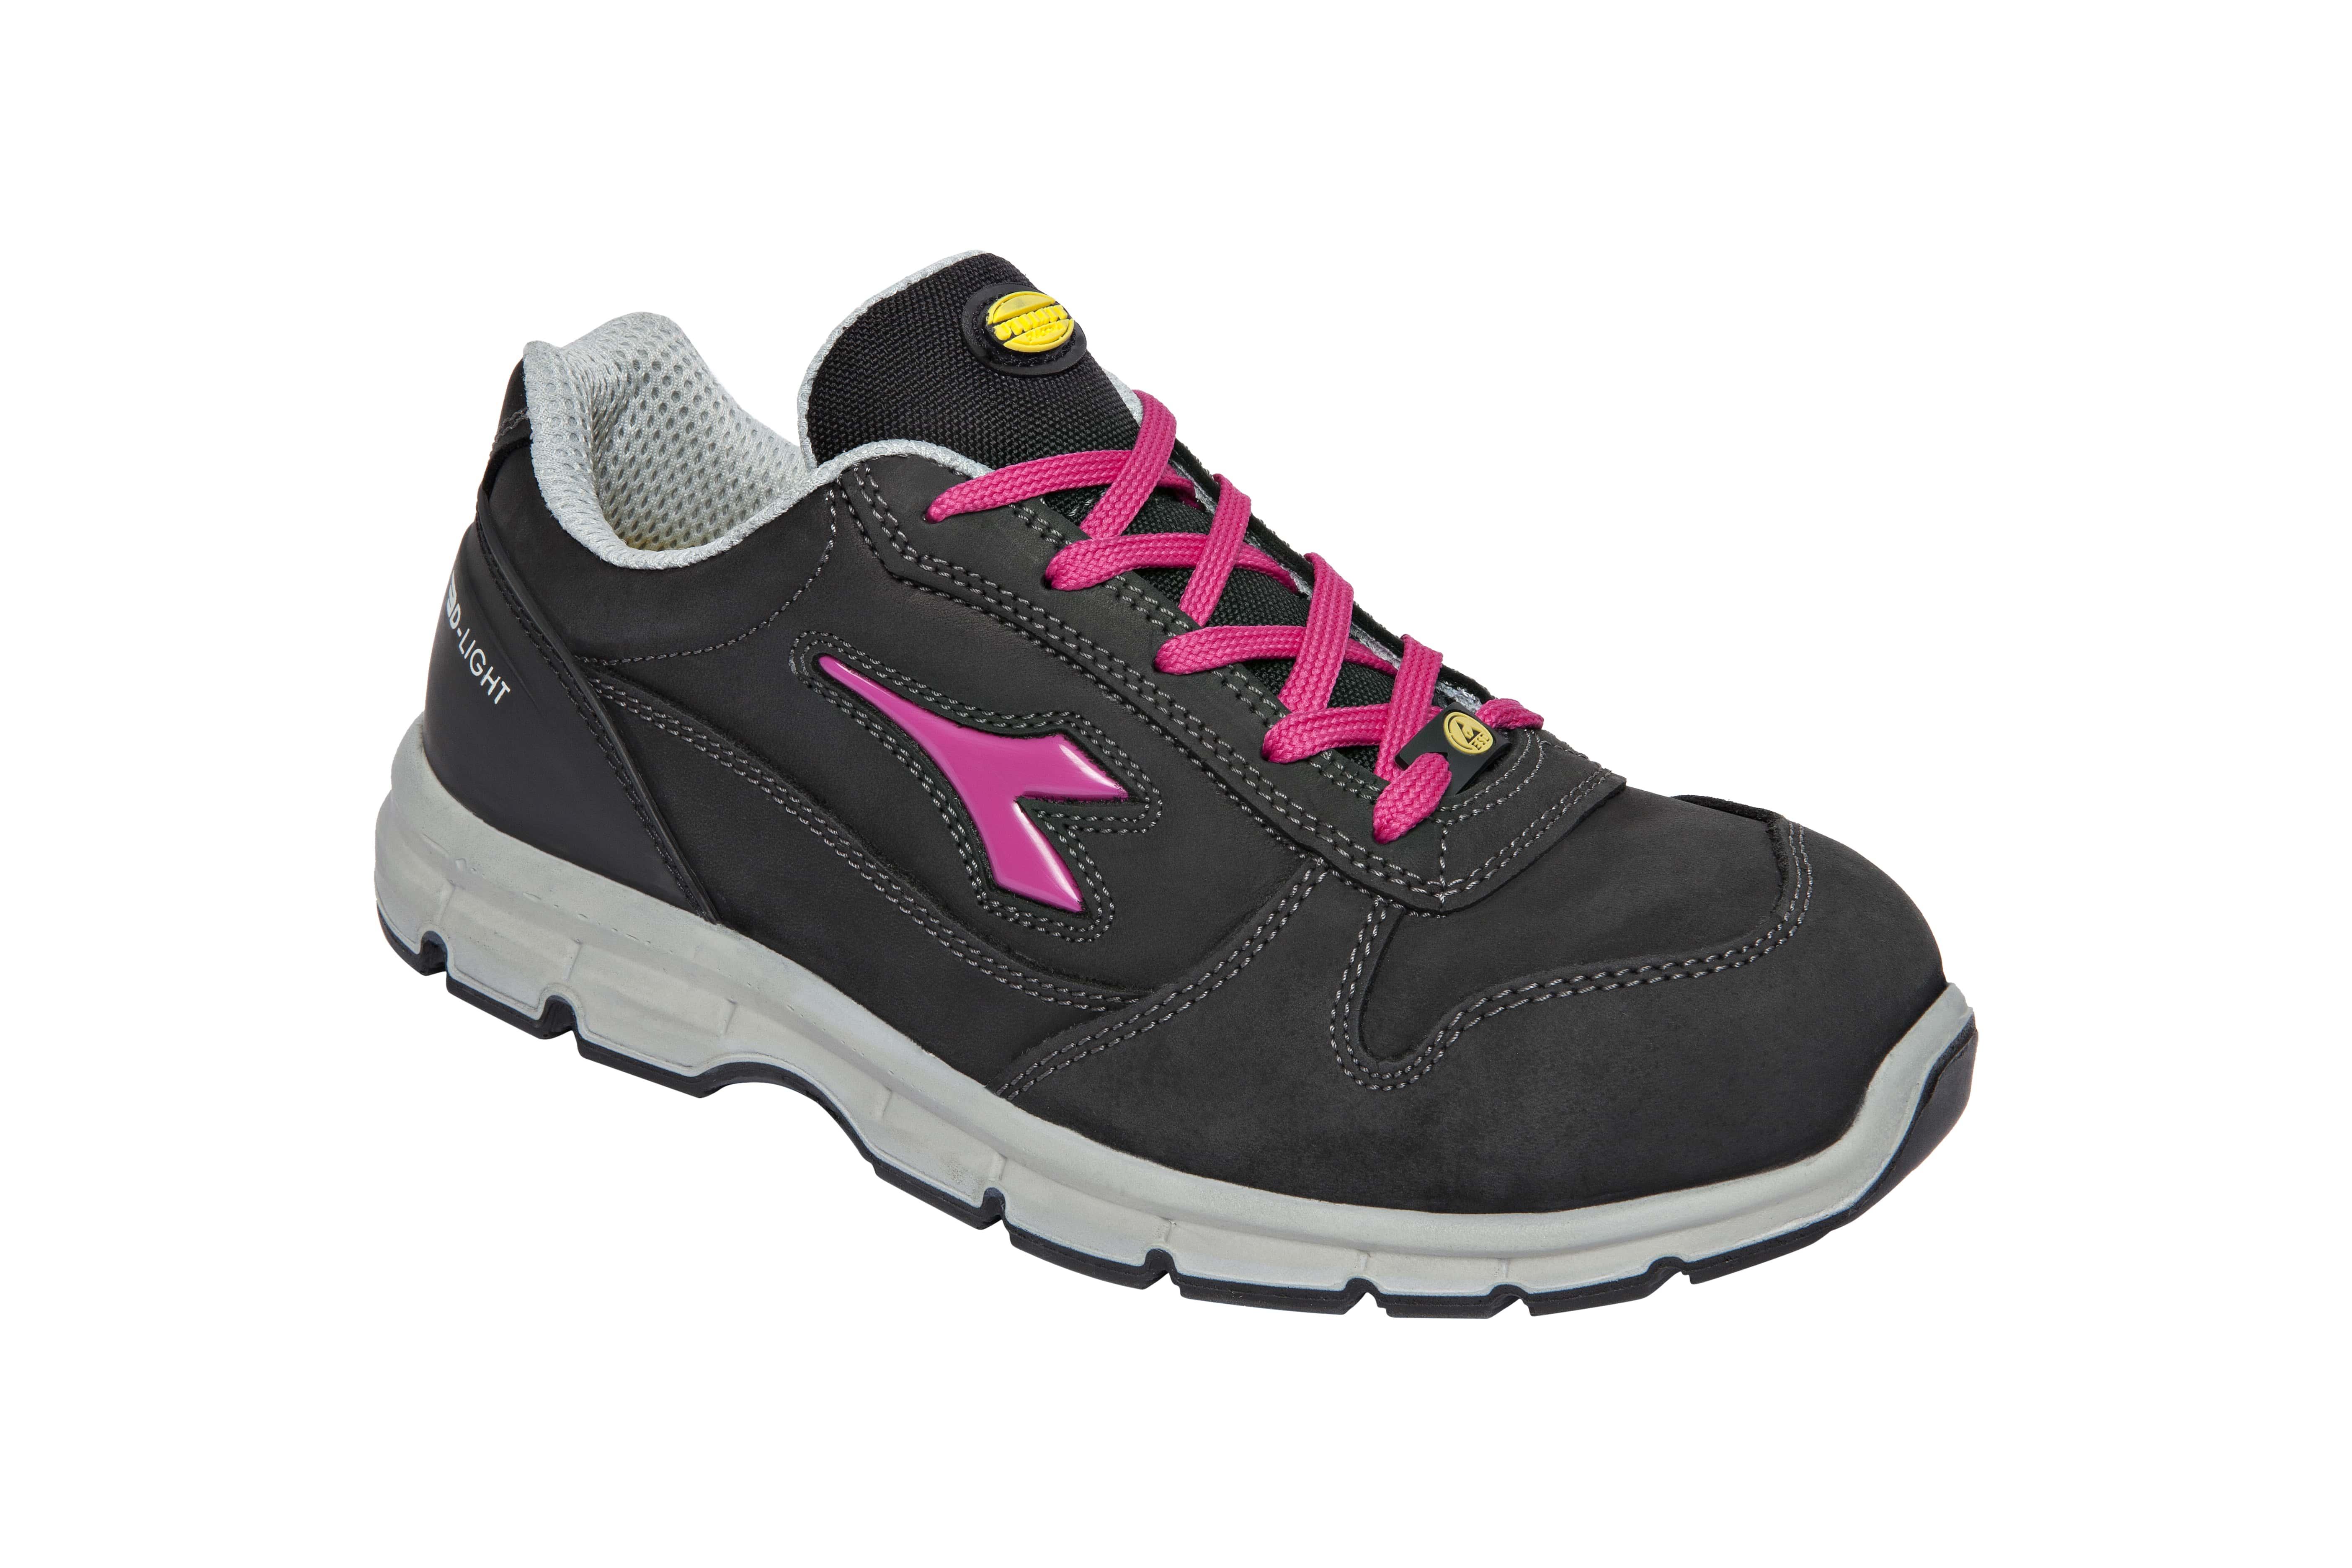 Seguridad Calzado Trabajo Mujer Comprar De Zapatos Fq1Px5nR